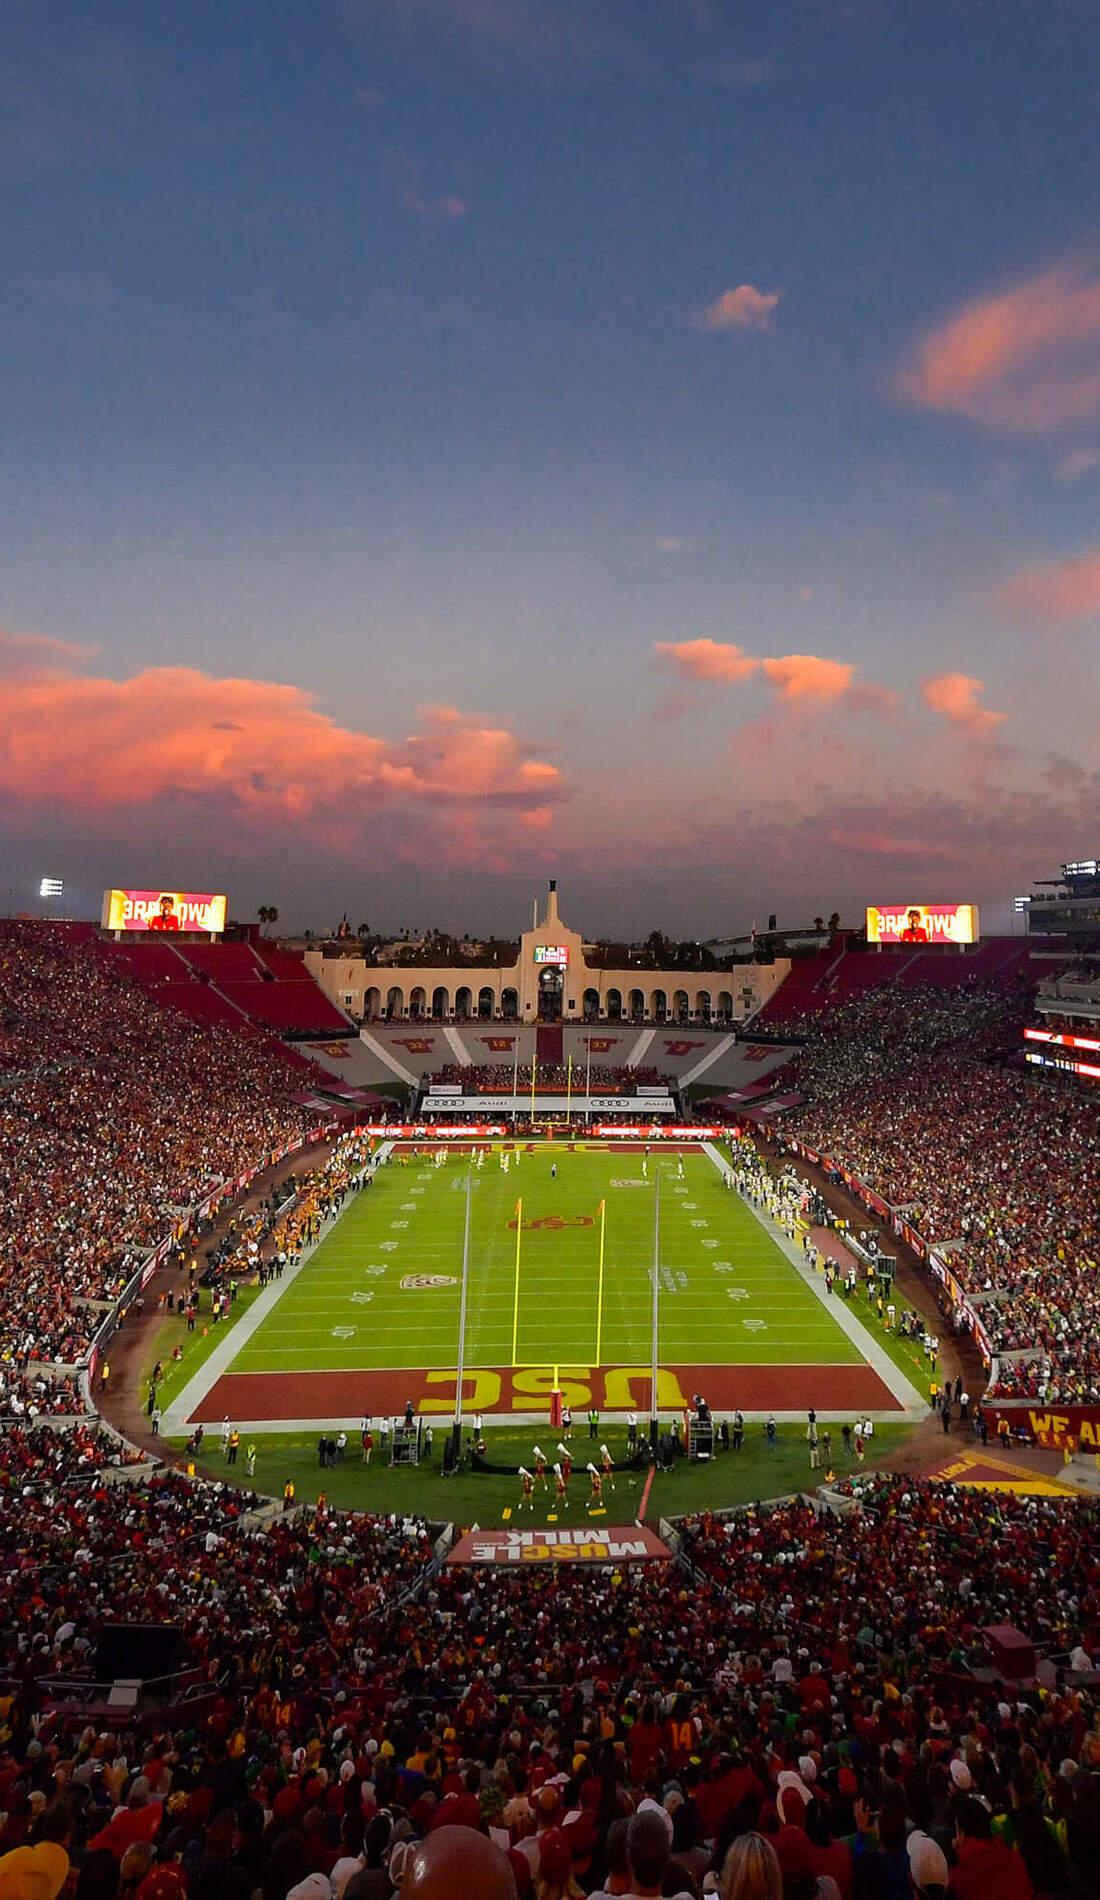 A USC Trojans live event